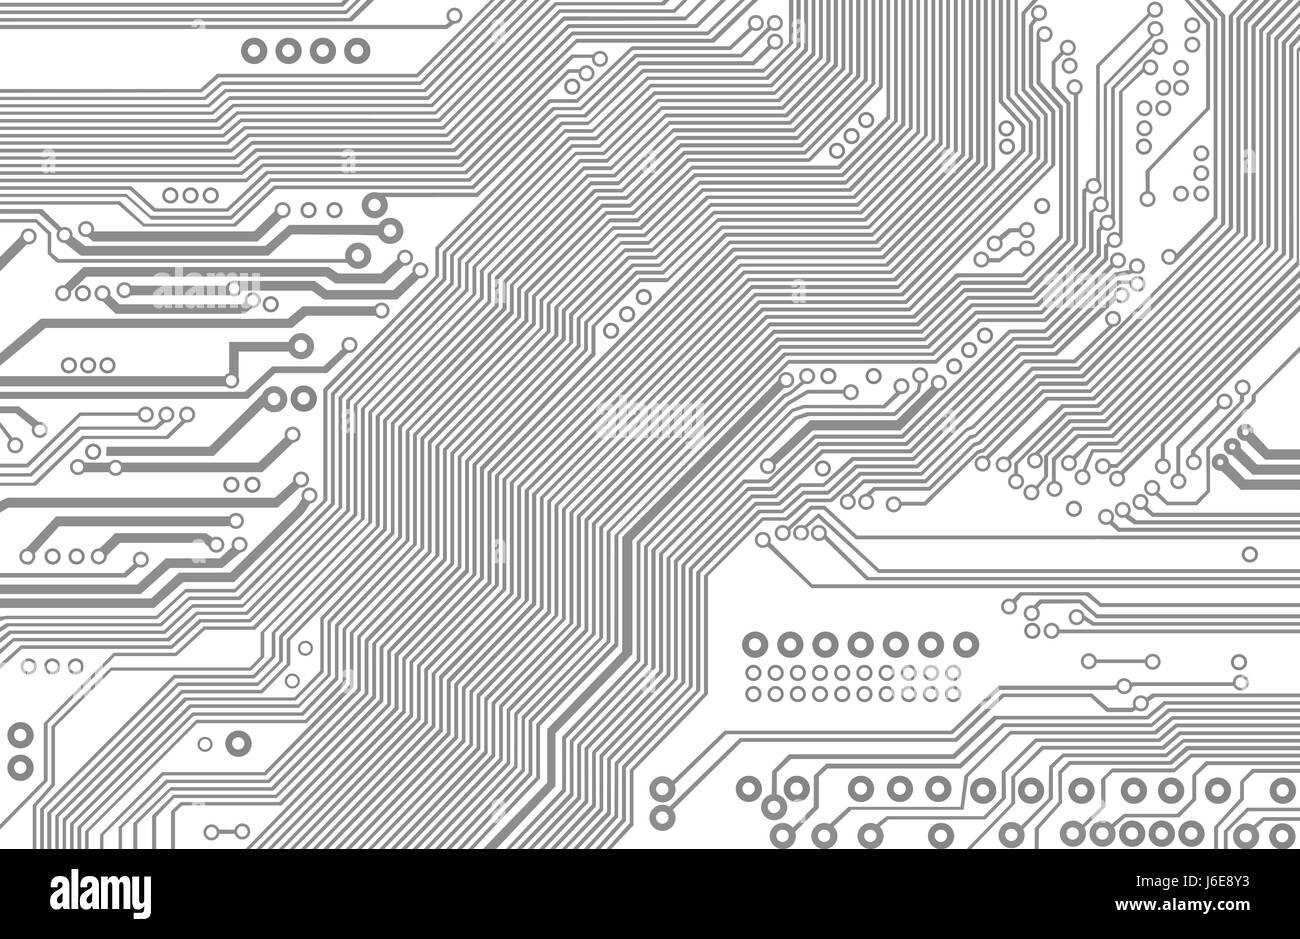 La technologie de composants carte mère circuit imprimé scheme toile ...